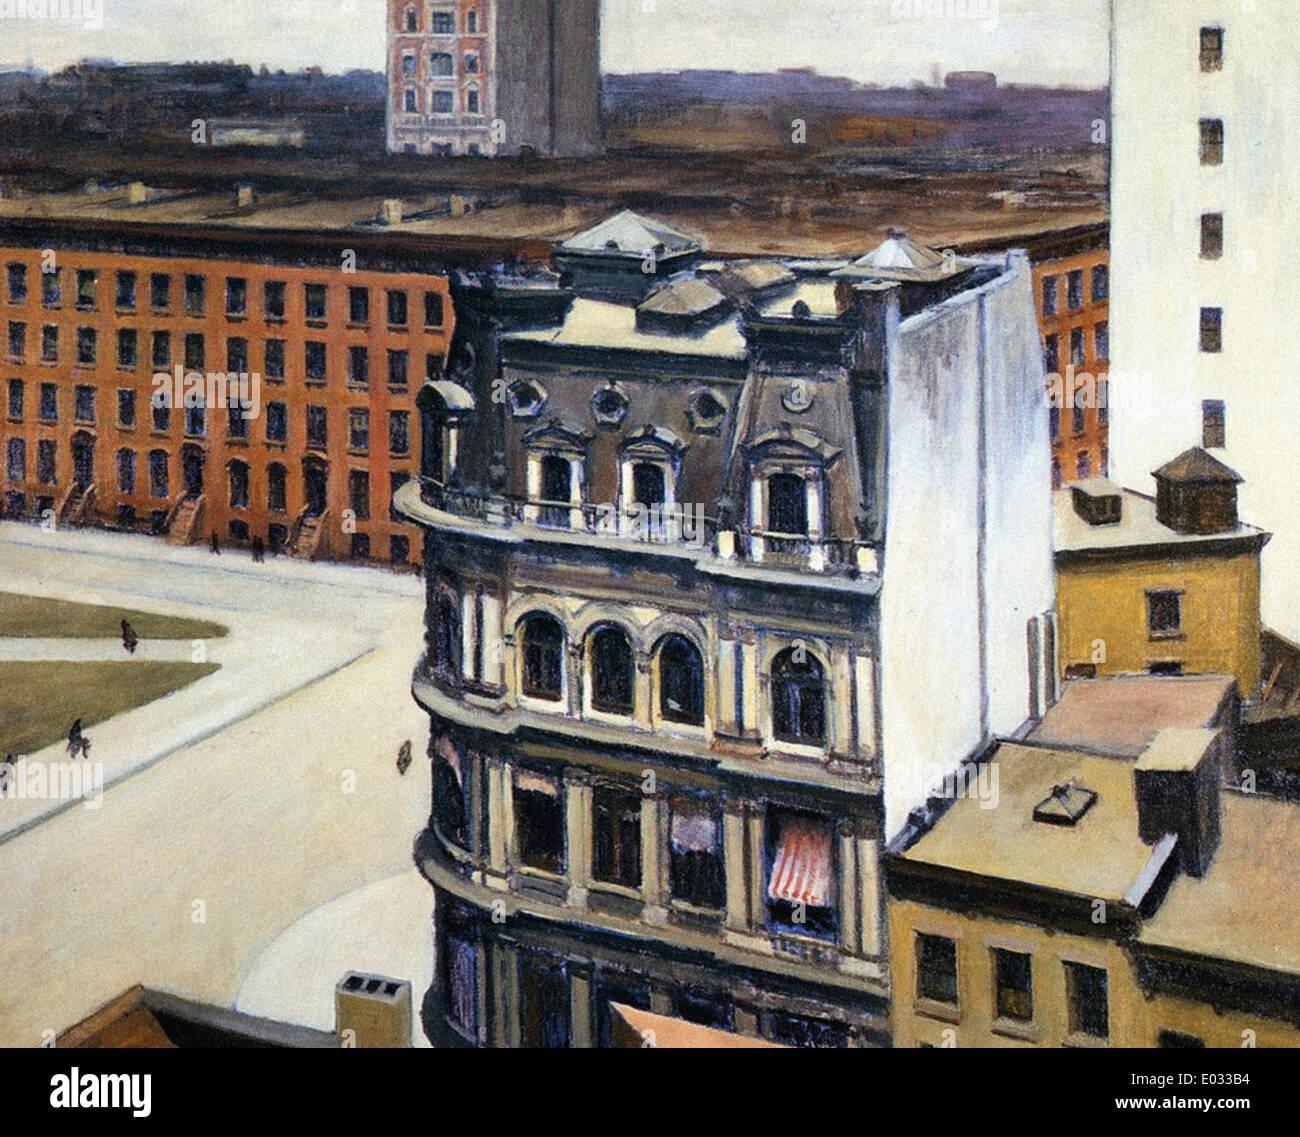 Edward Hopper The City - Stock Image